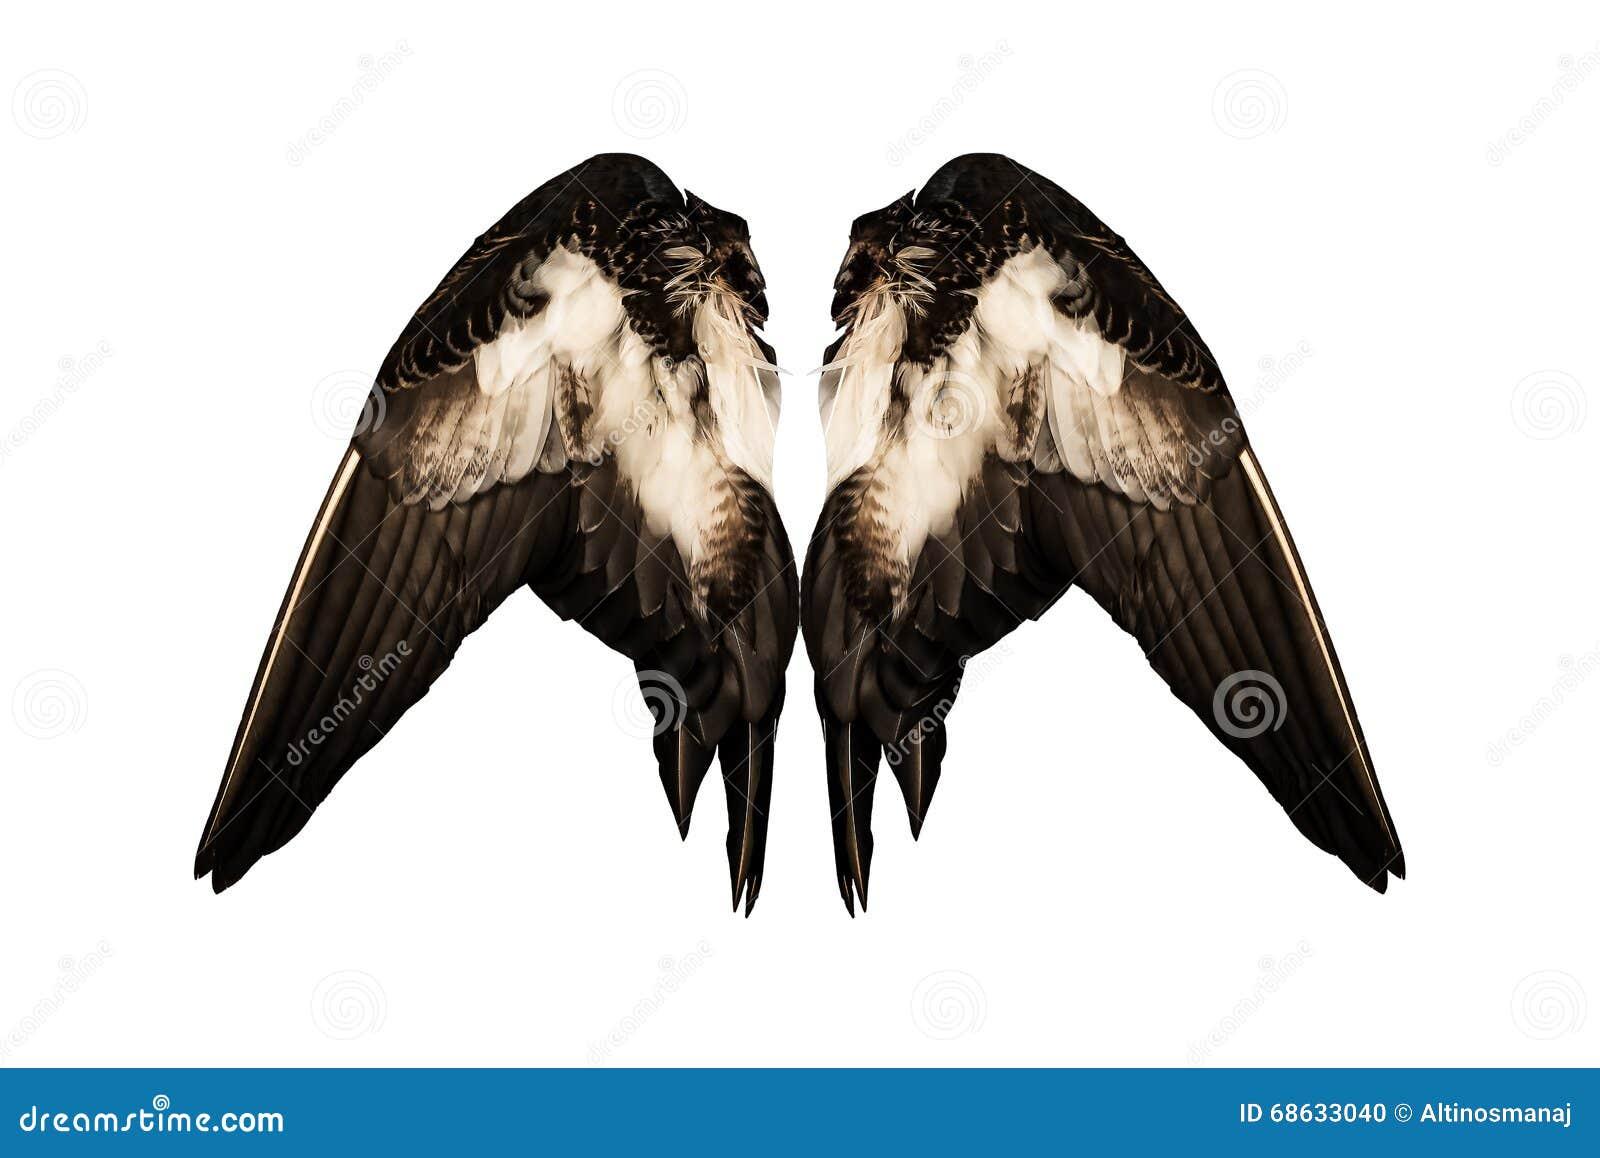 El pato real acortado se va volando en ángel trasero aislado el fondo blanco dos pares